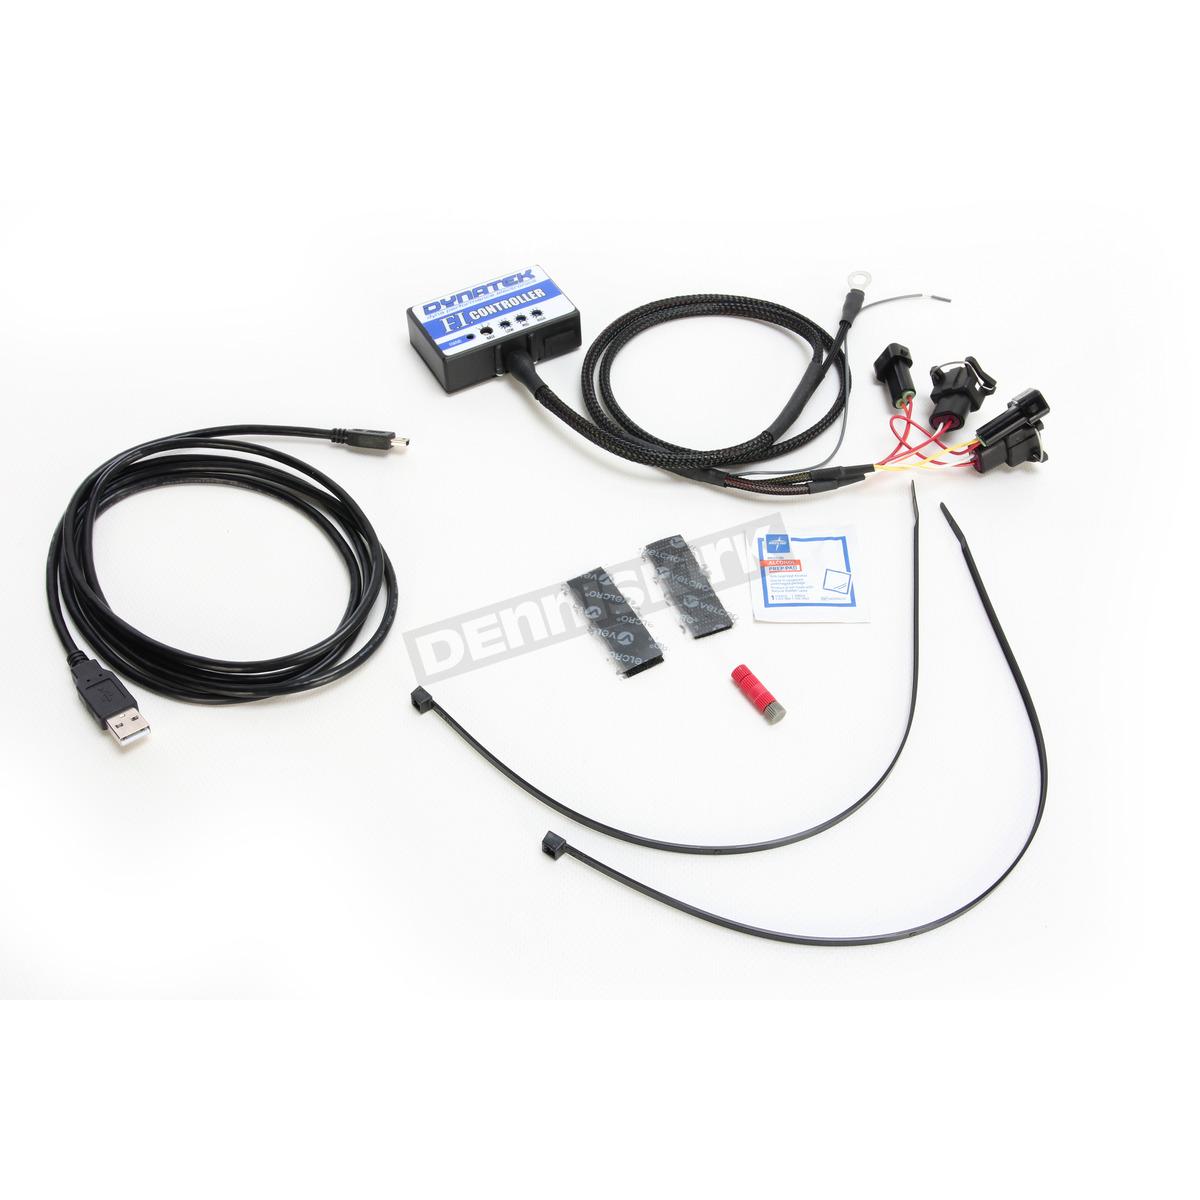 Dynatek Fuel Injection Controller